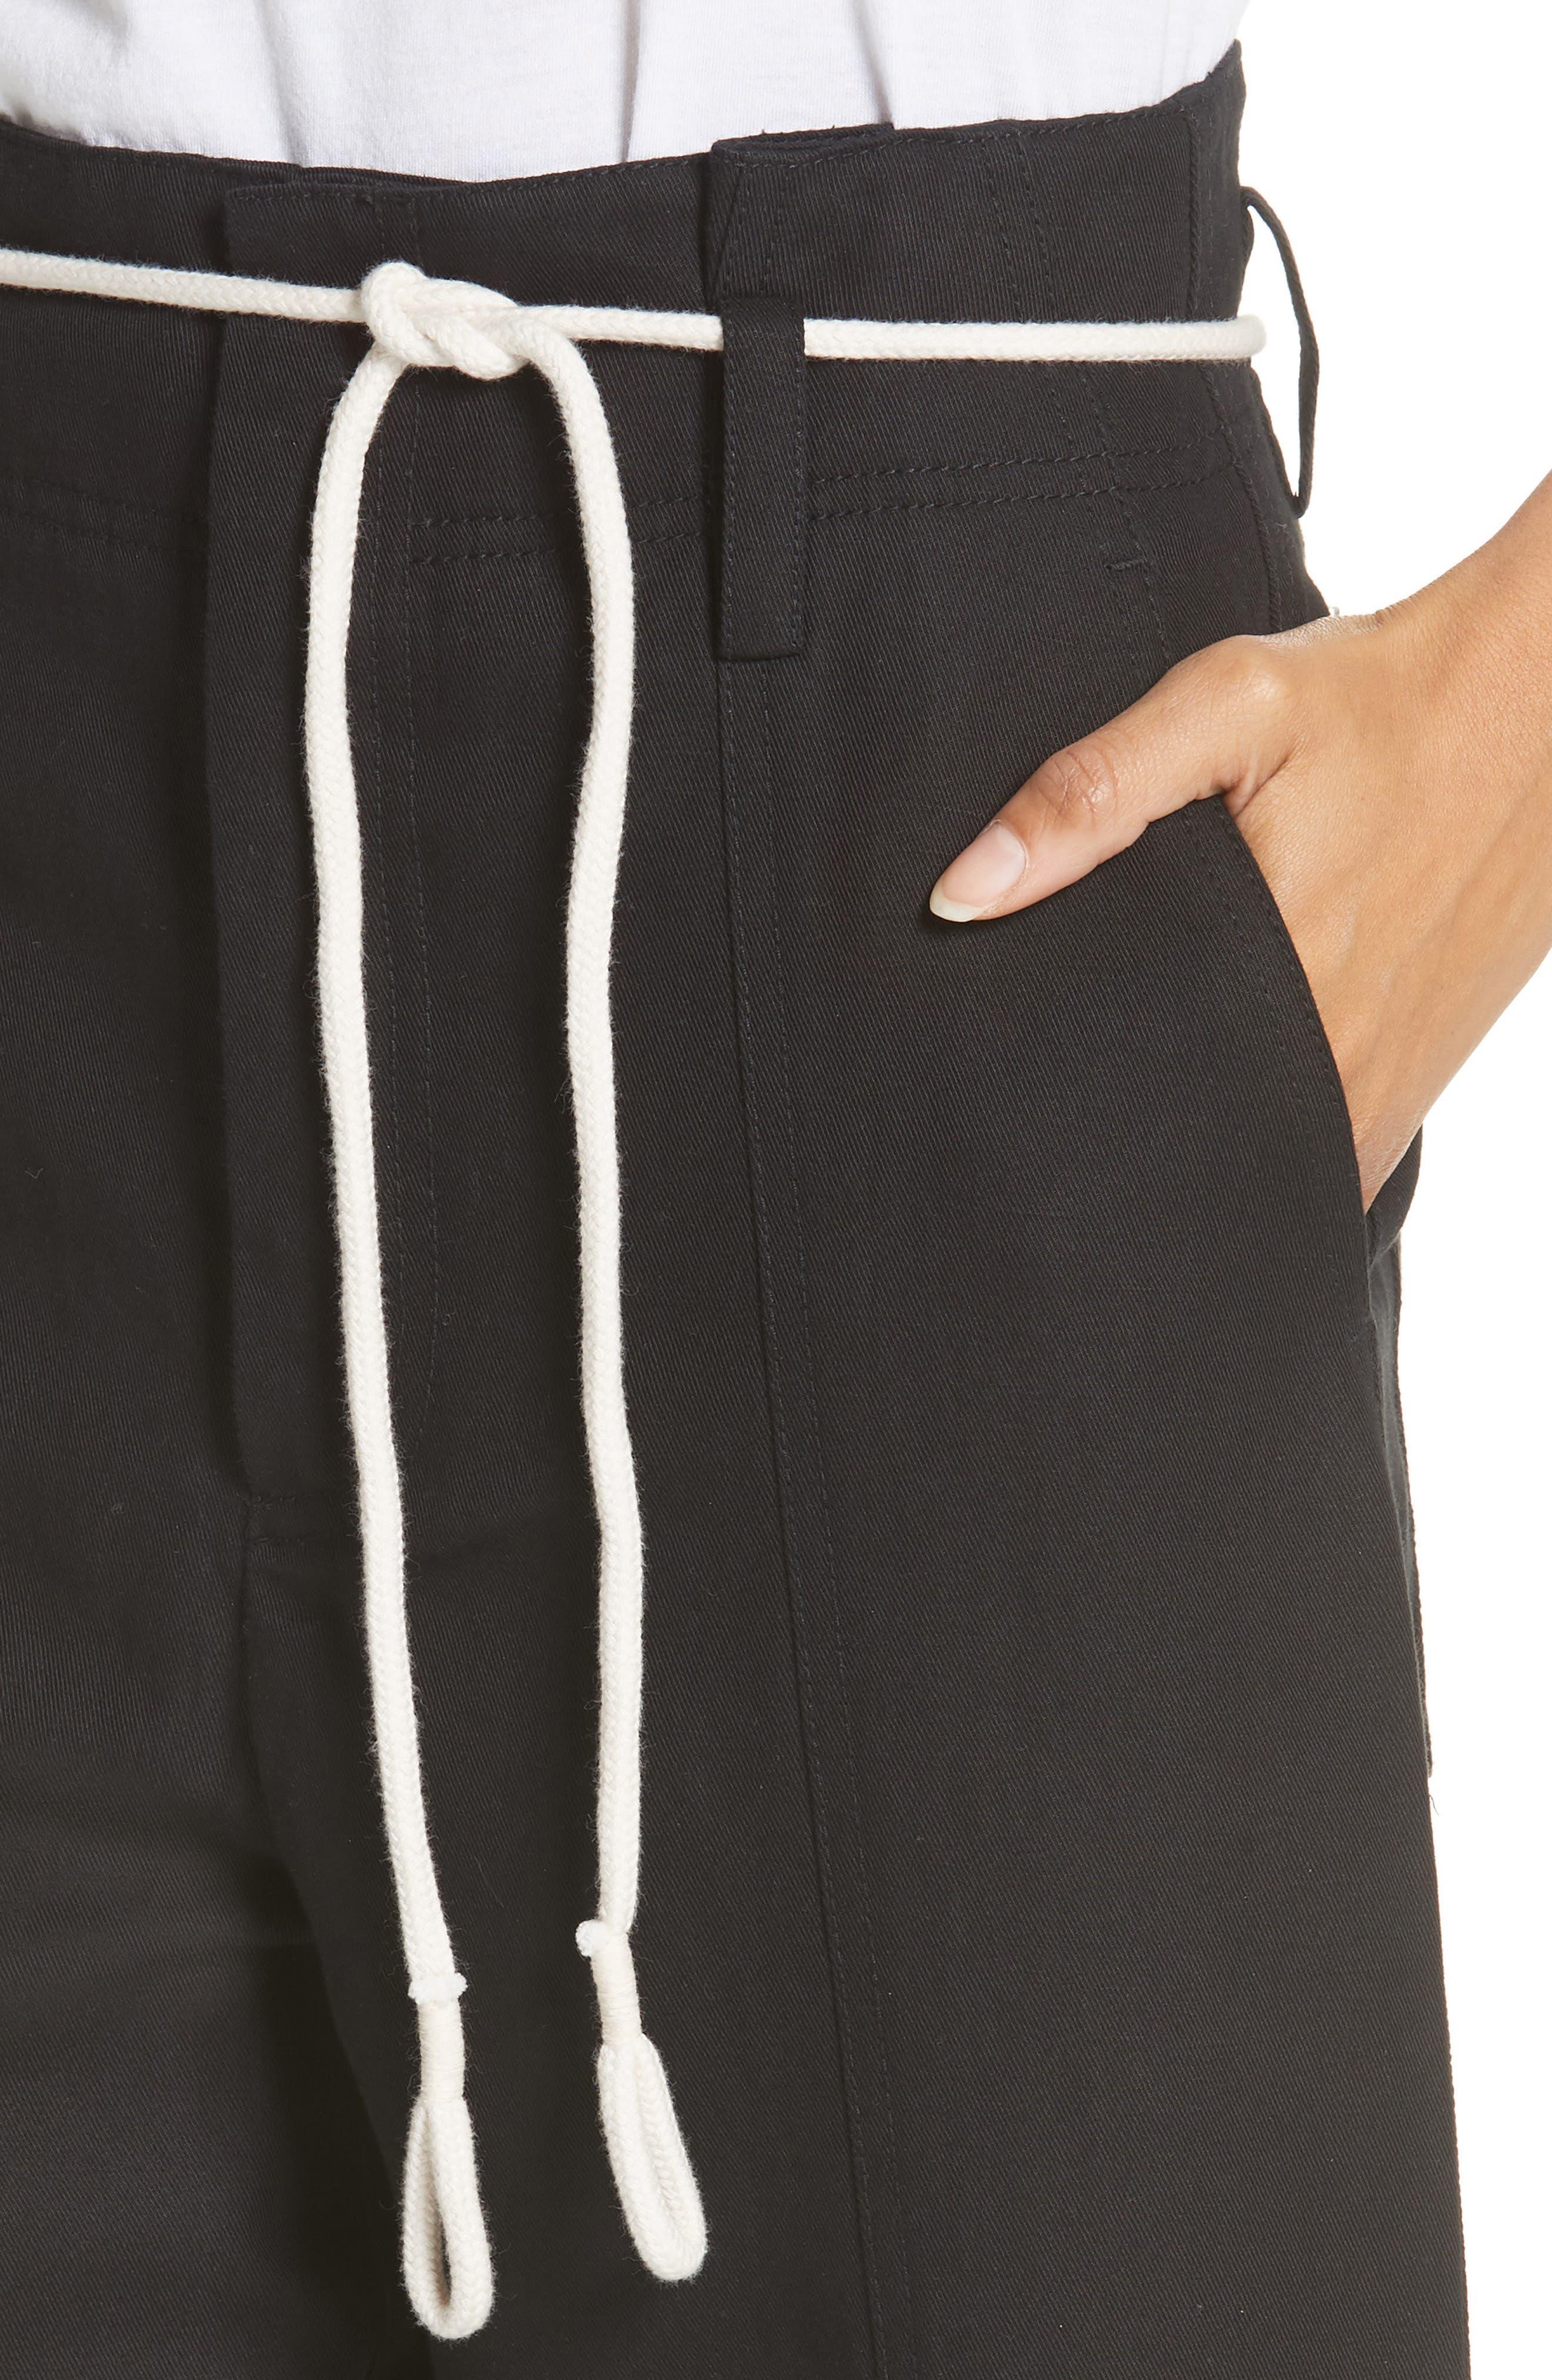 High Rise Linen Cotton Crop Pants,                             Alternate thumbnail 4, color,                             BLACK